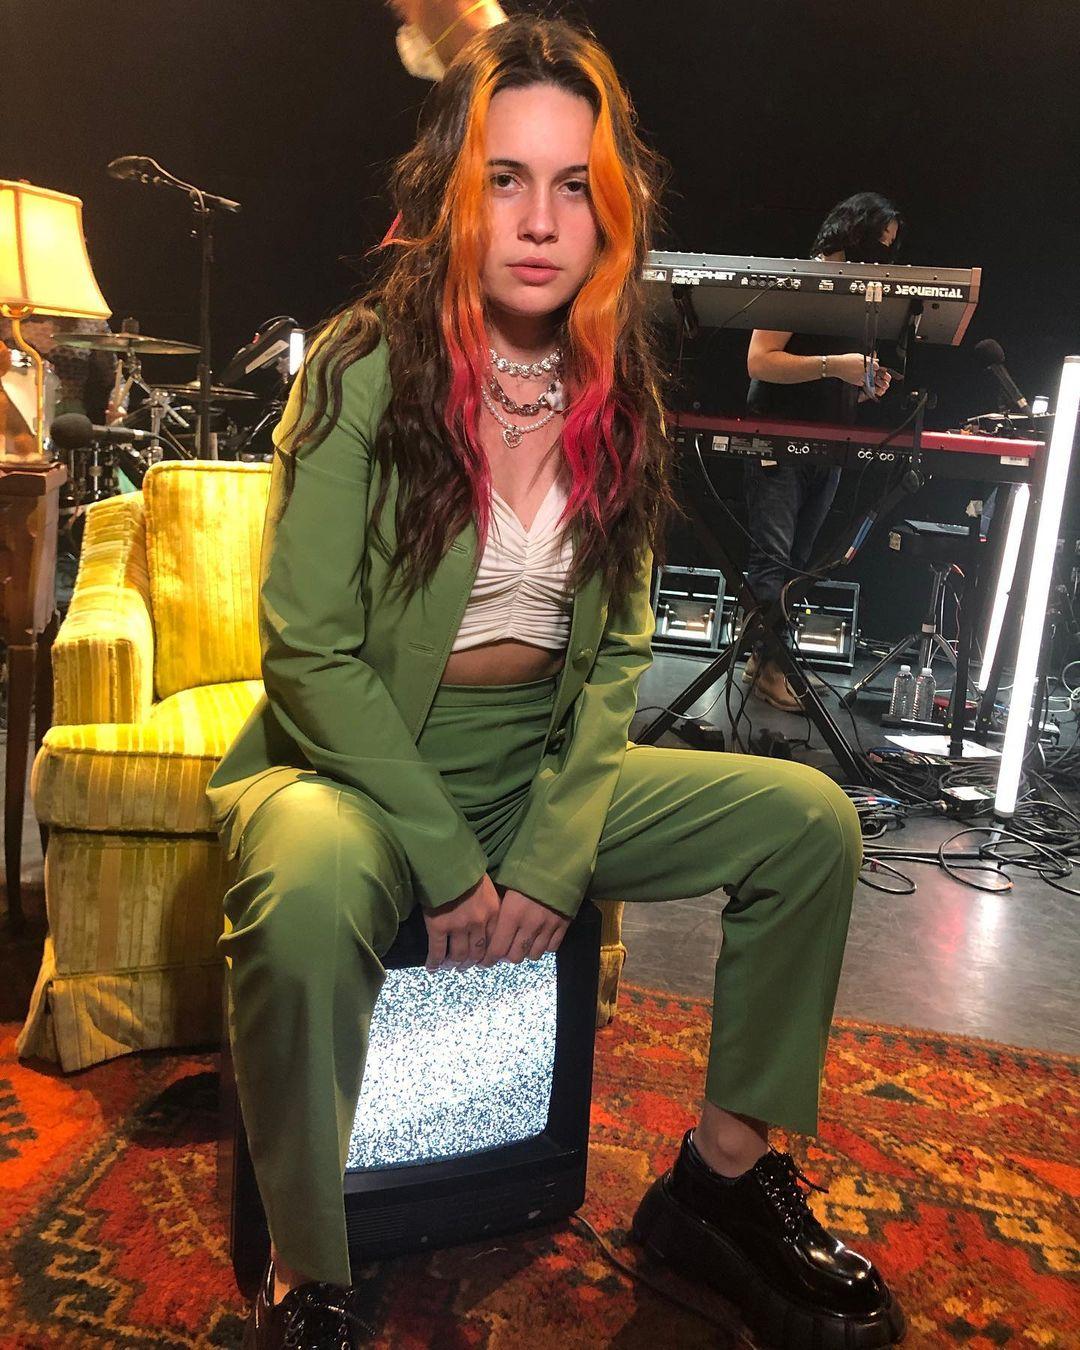 MOR.BO RIOT: Bea Miller, la artista que crea himnos pop para la generación TikTok